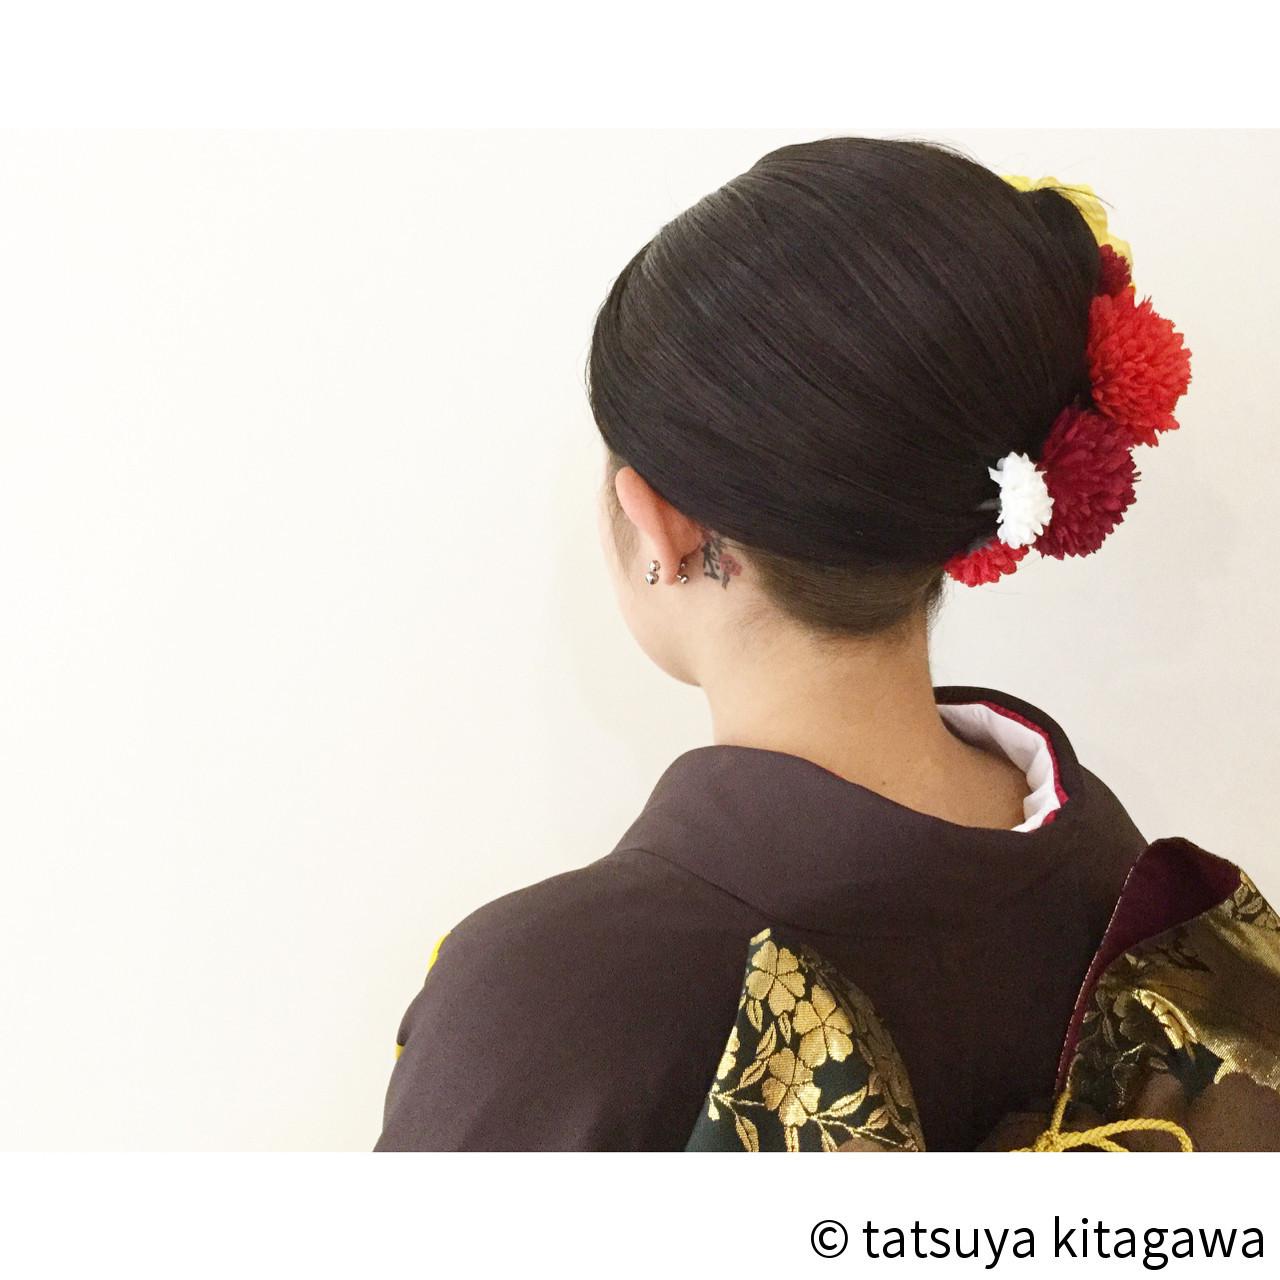 前髪がポイント!夜会巻きのアレンジまとめ♪初心者でも簡単にできるコツ tatsuya kitagawa